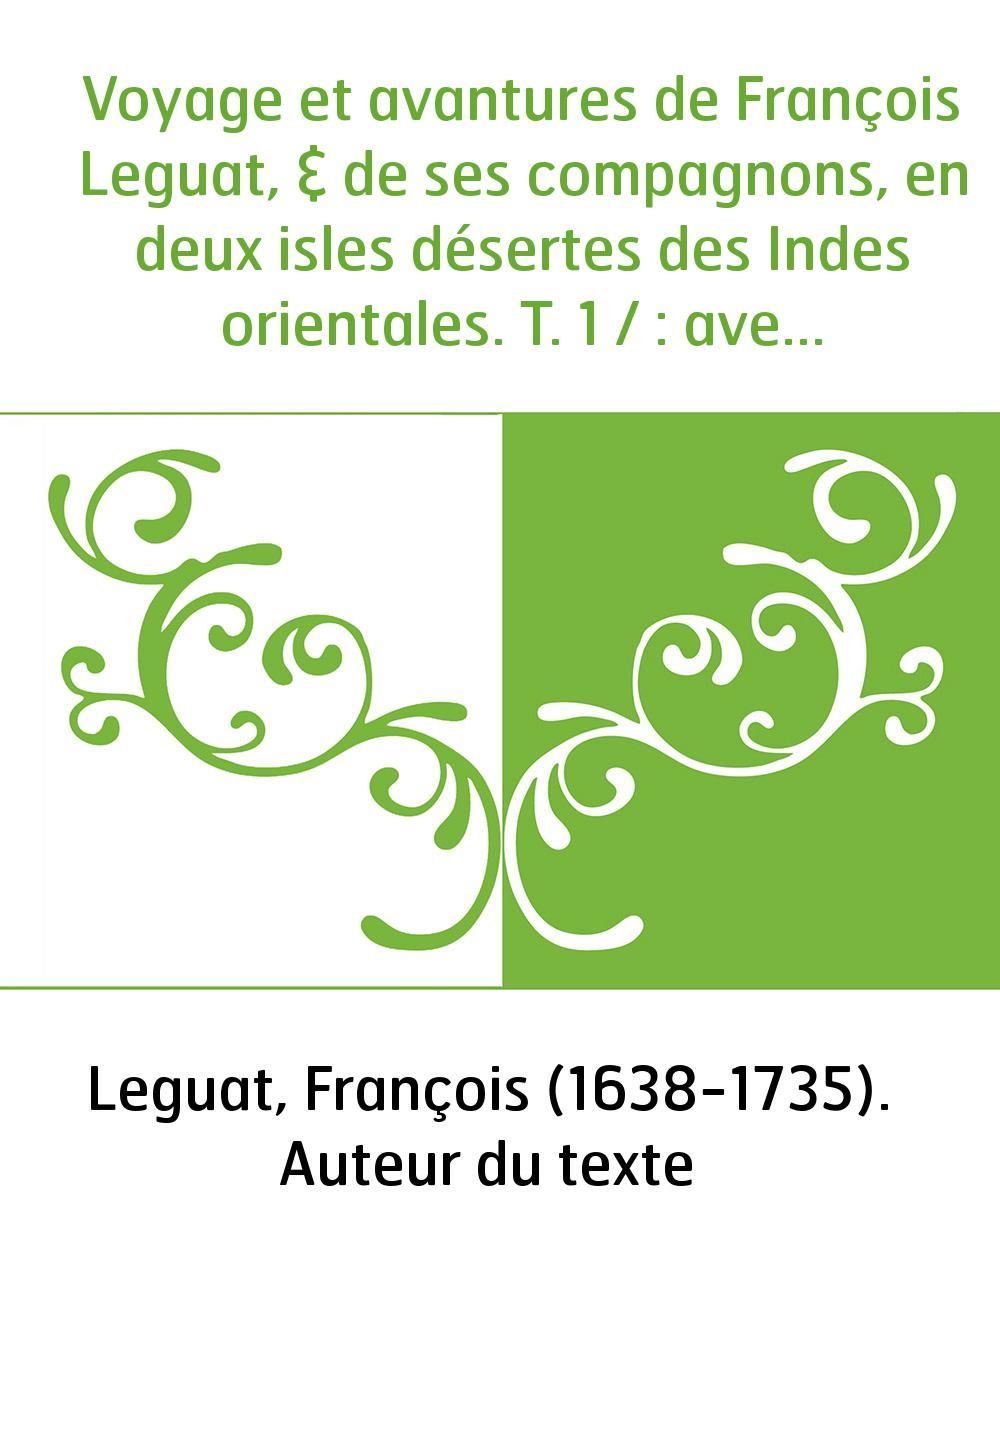 Voyage et avantures de François Leguat, & de ses compagnons, en deux isles désertes des Indes orientales. T. 1 / : avec la relat